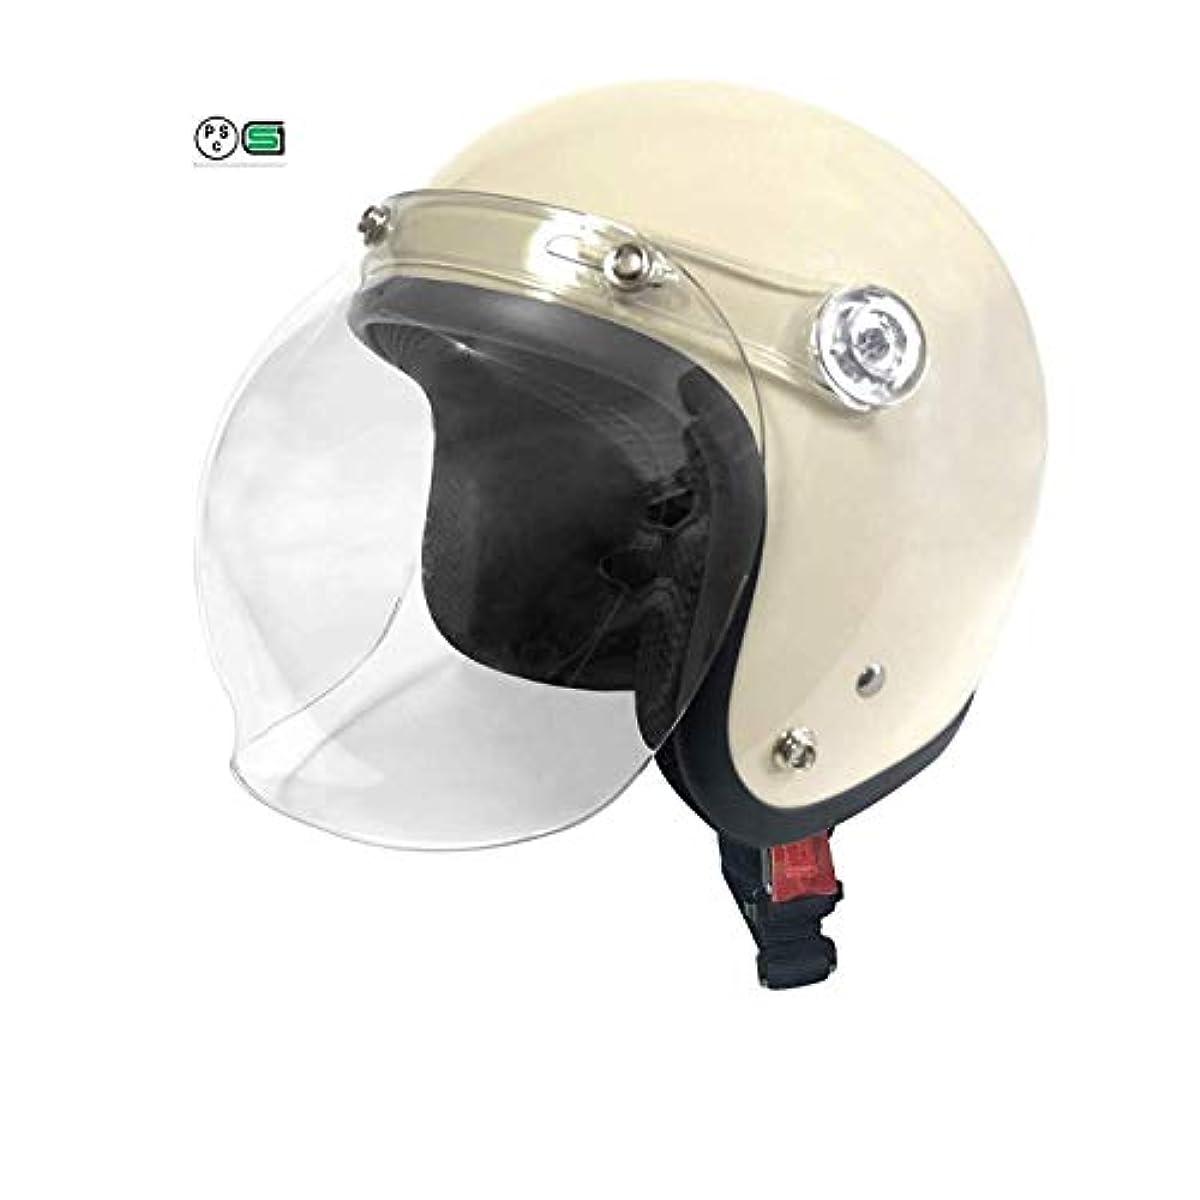 [해외] 오토바이용 덕 테일 헬멧 SG마크 적합성피혁품 프리 사이즈 (IVORY)